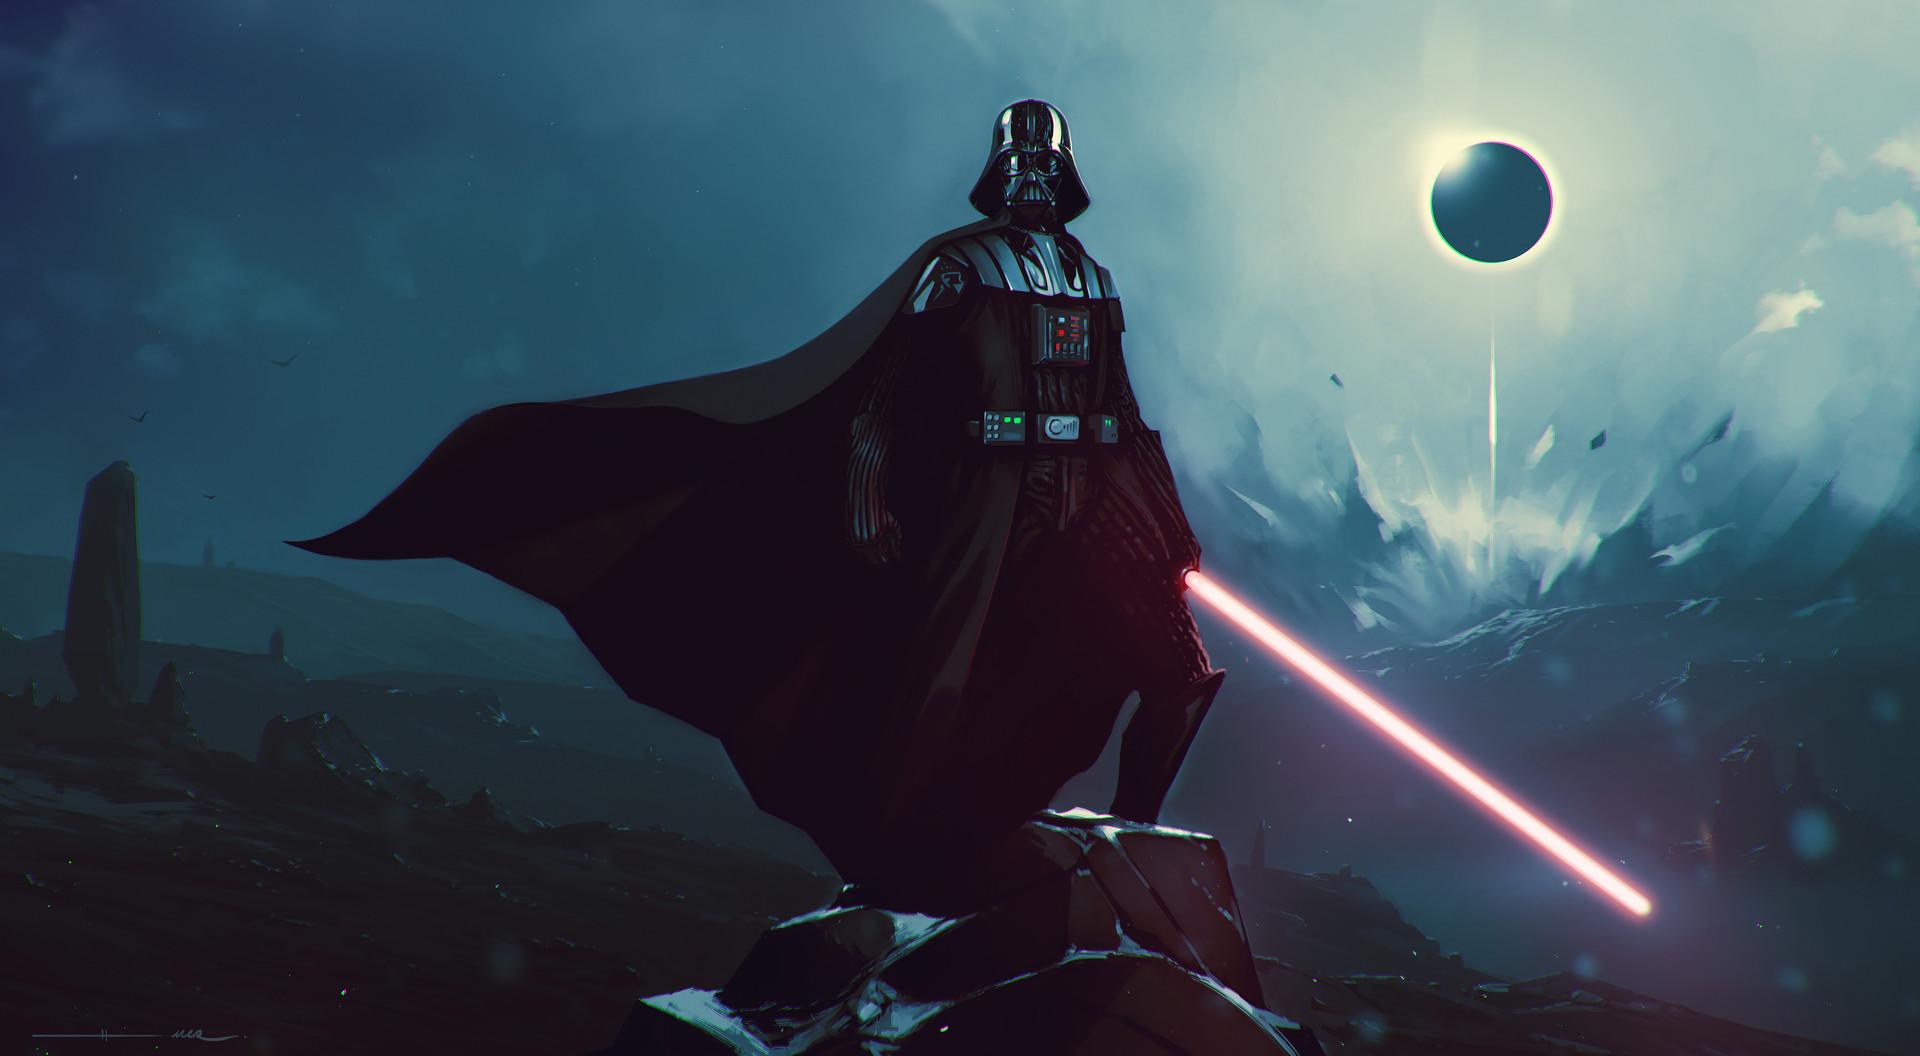 Star Wars Wallpaper And Hintergrund 1920x1056 Id779402